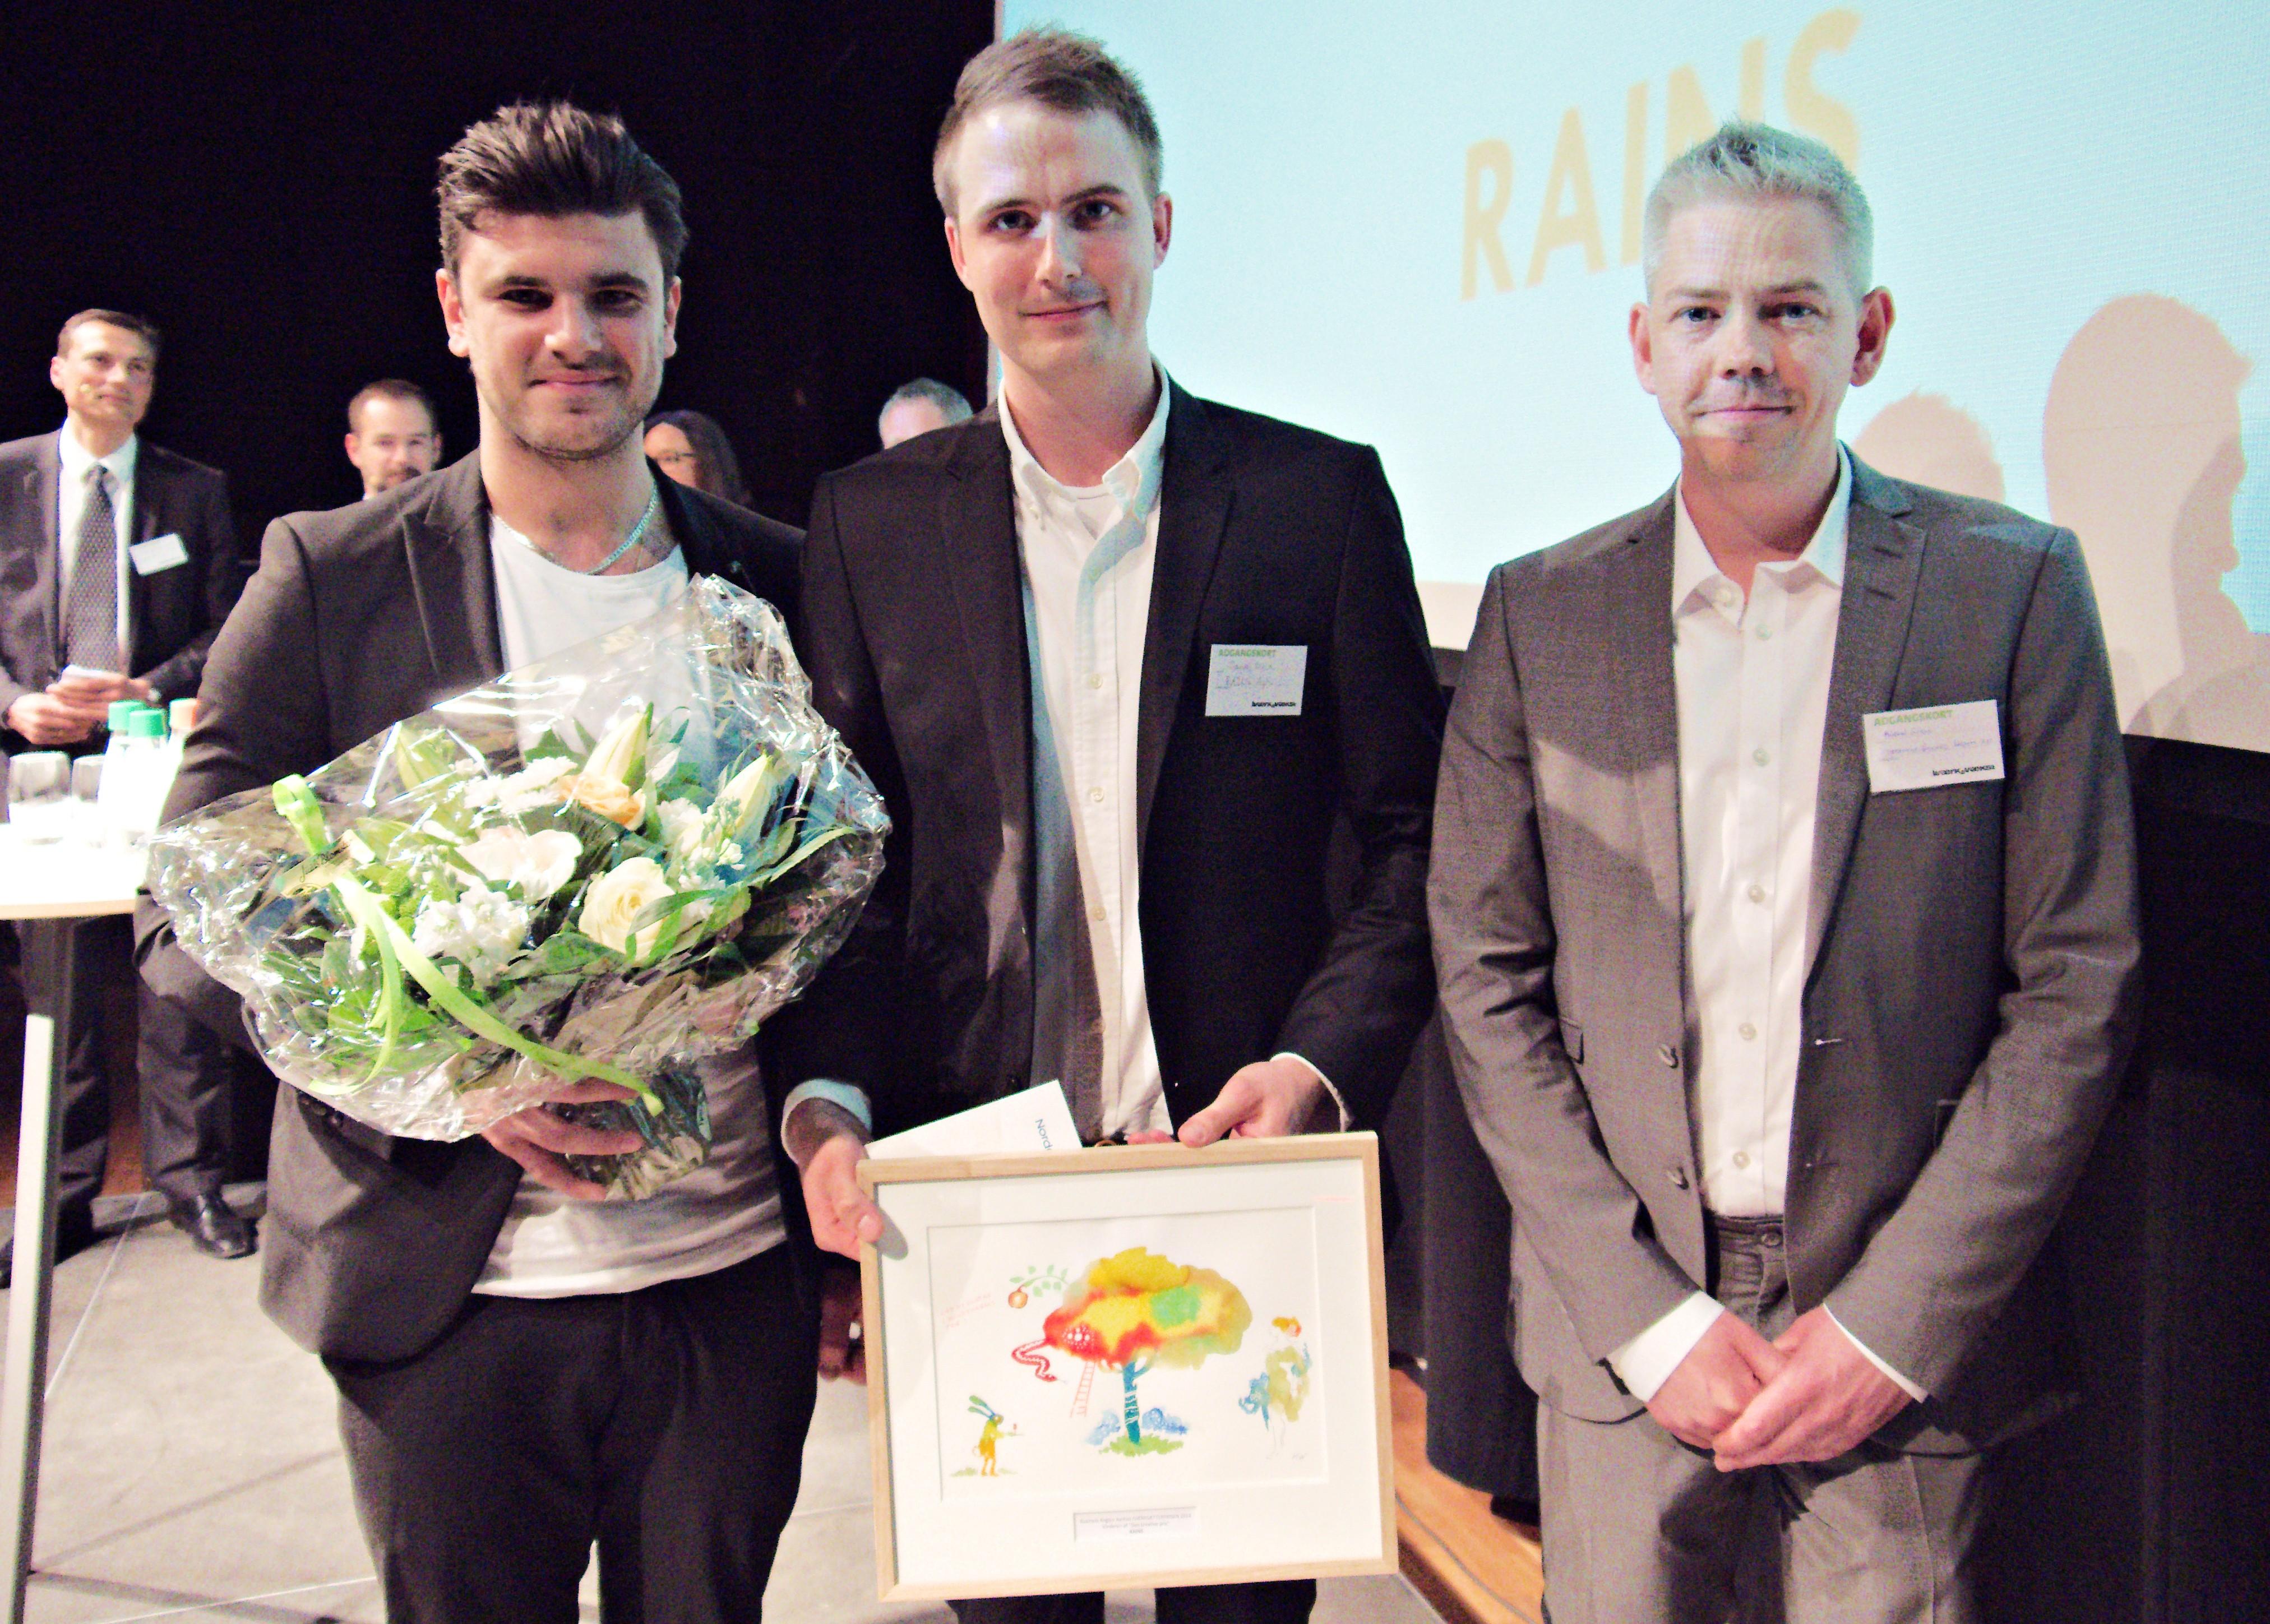 RAINS, vinder_i_kategorien_Bedste-kreative_ide